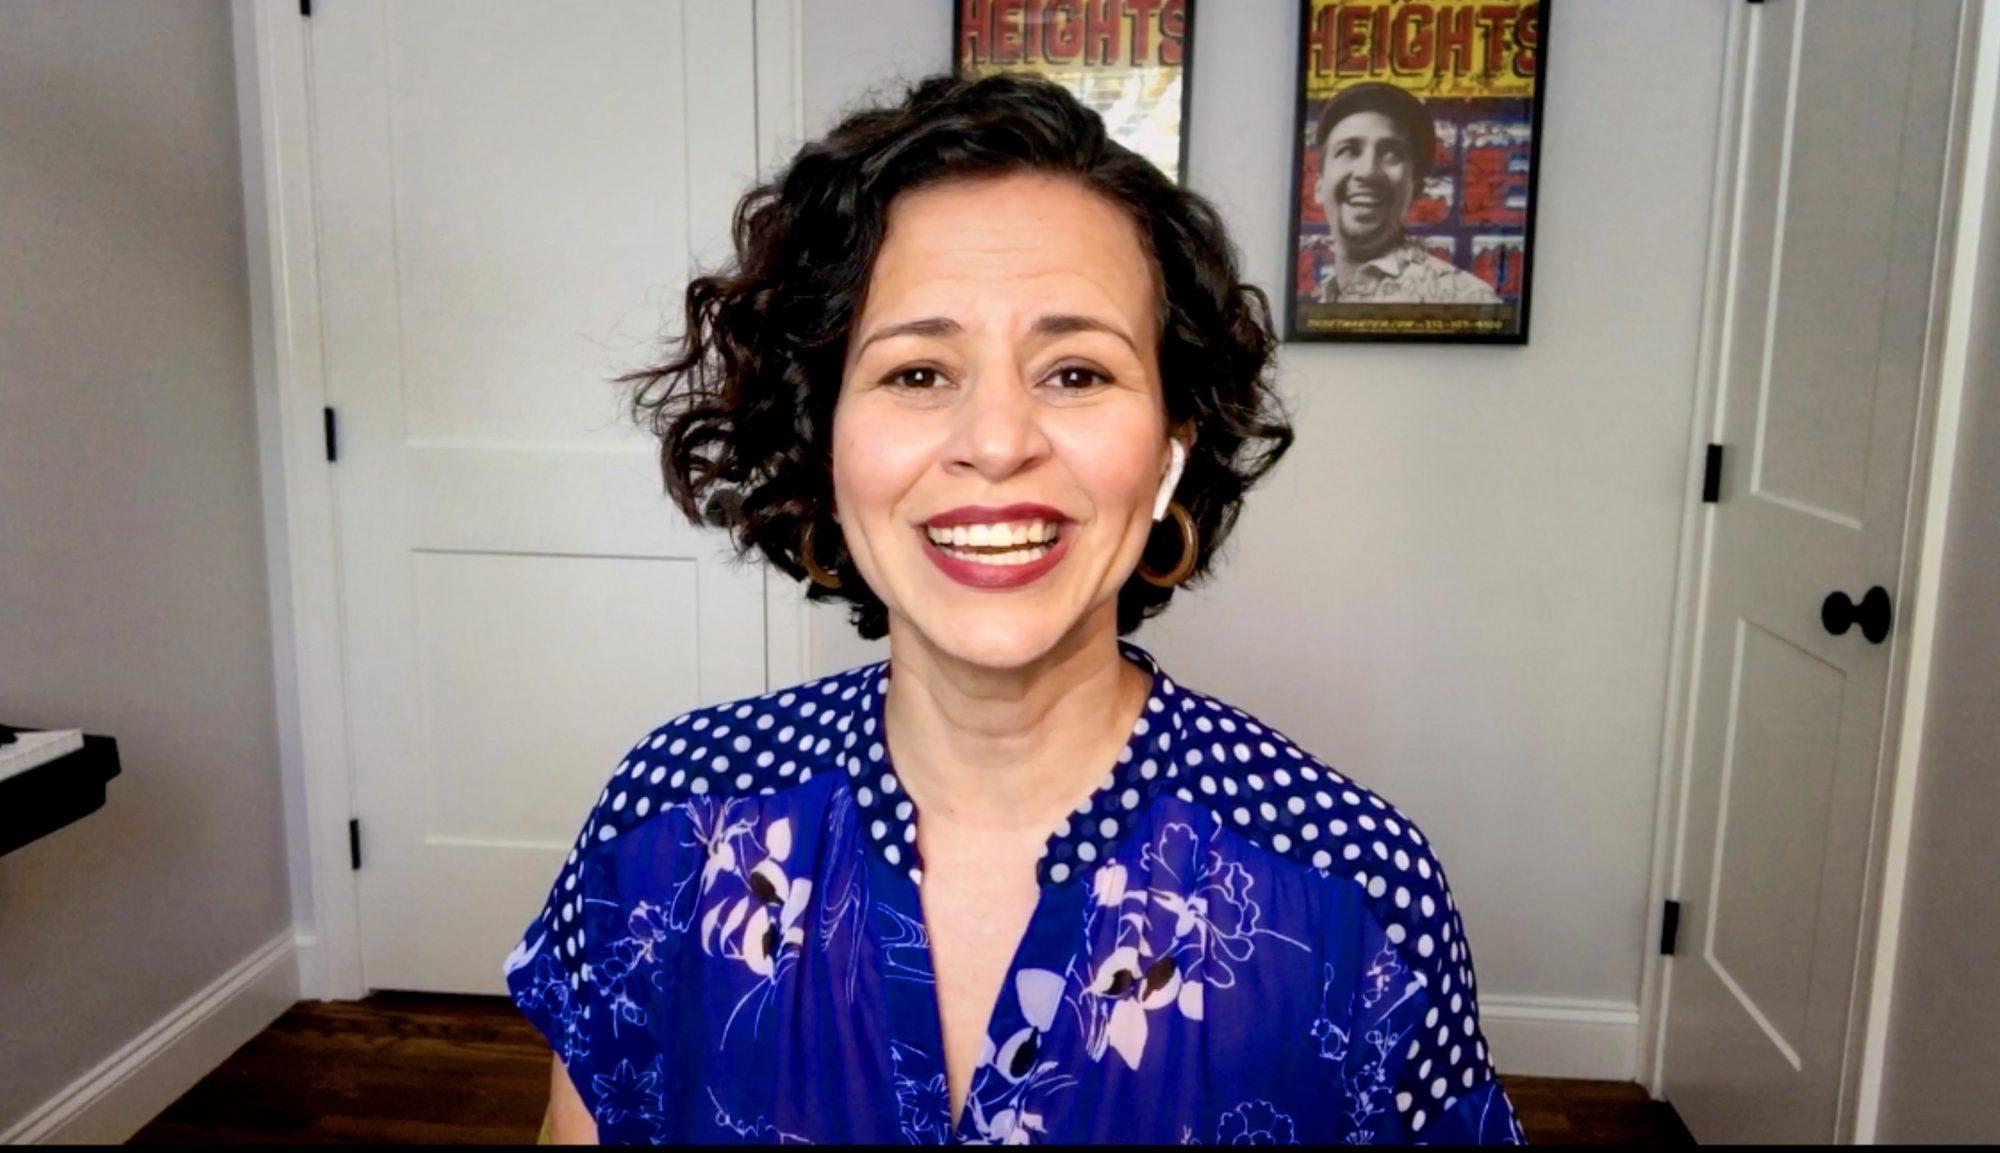 Mandy González